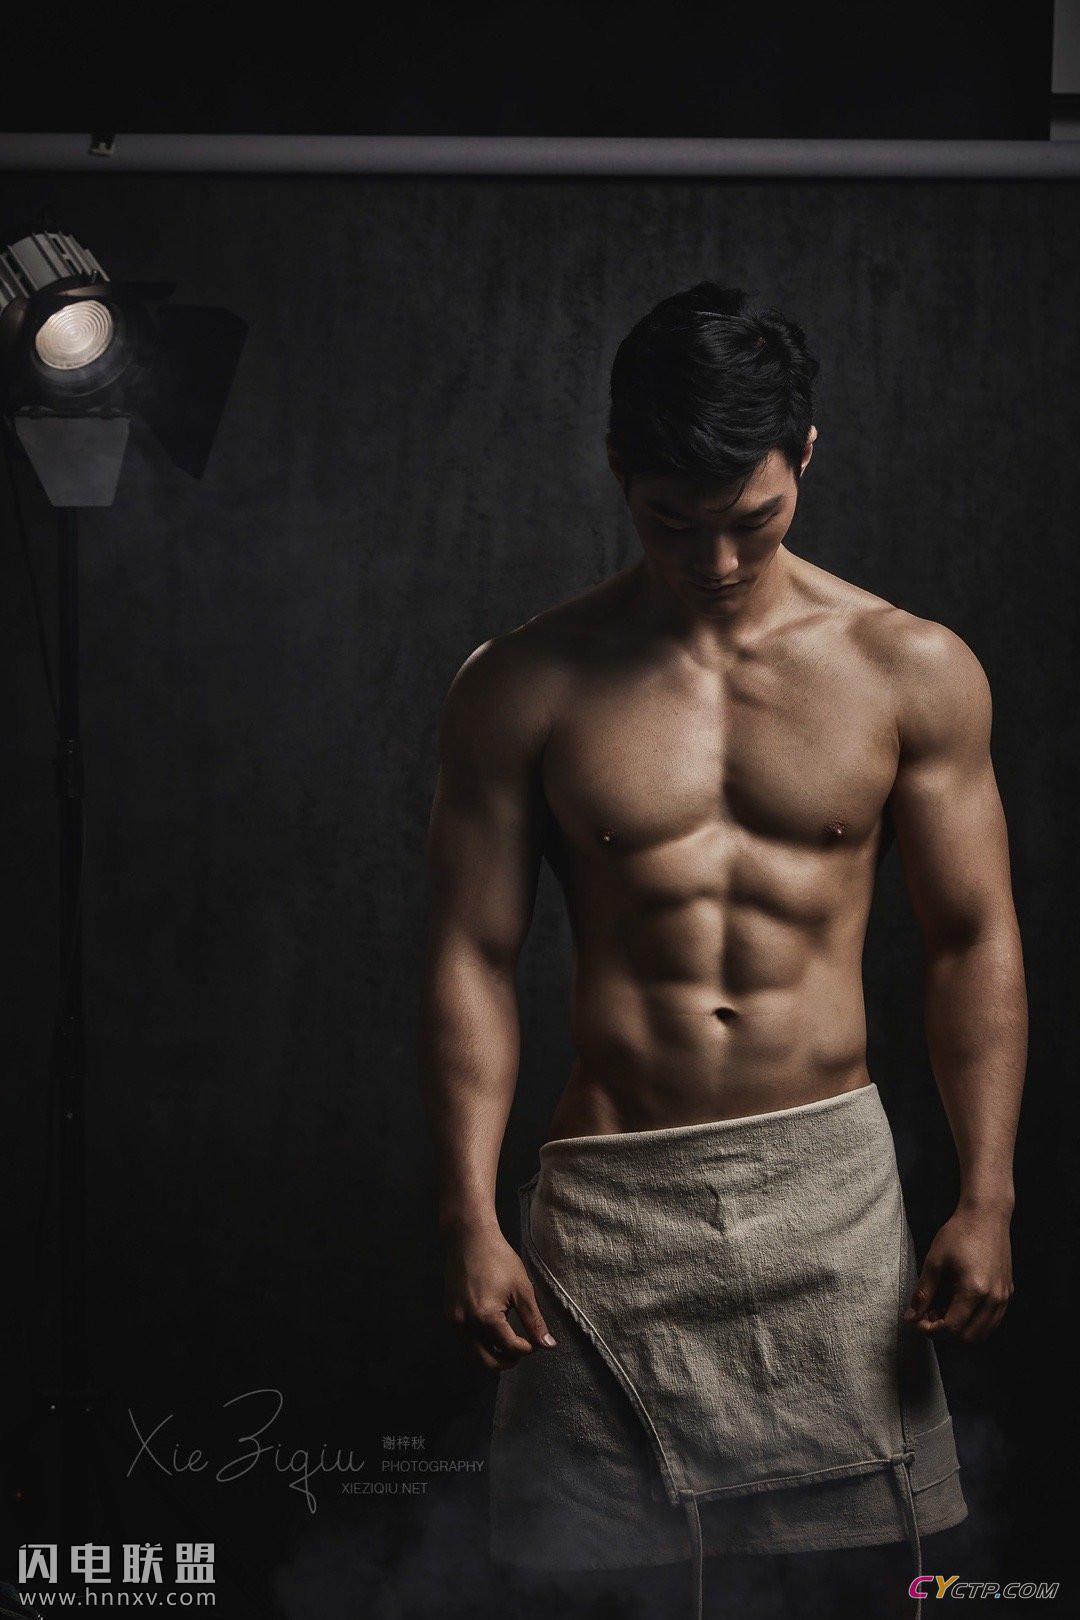 国产性感男体帅哥裸体图片